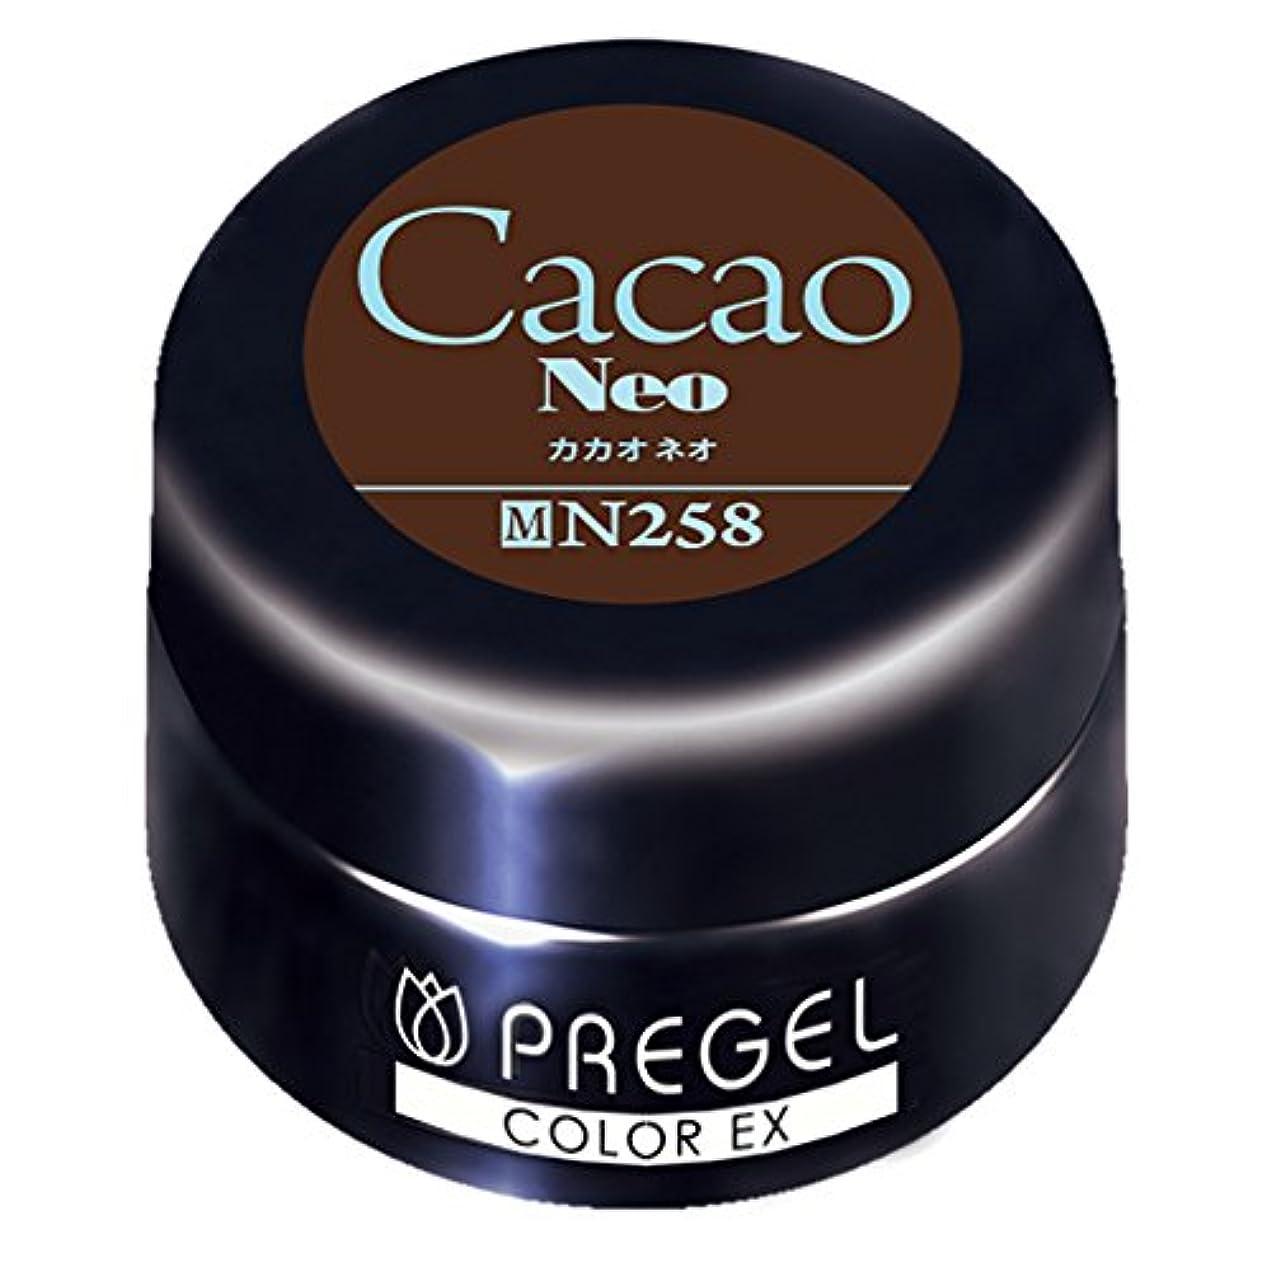 レンズコック包囲PRE GEL カラーEX カカオneo 258 4g UV/LED対応